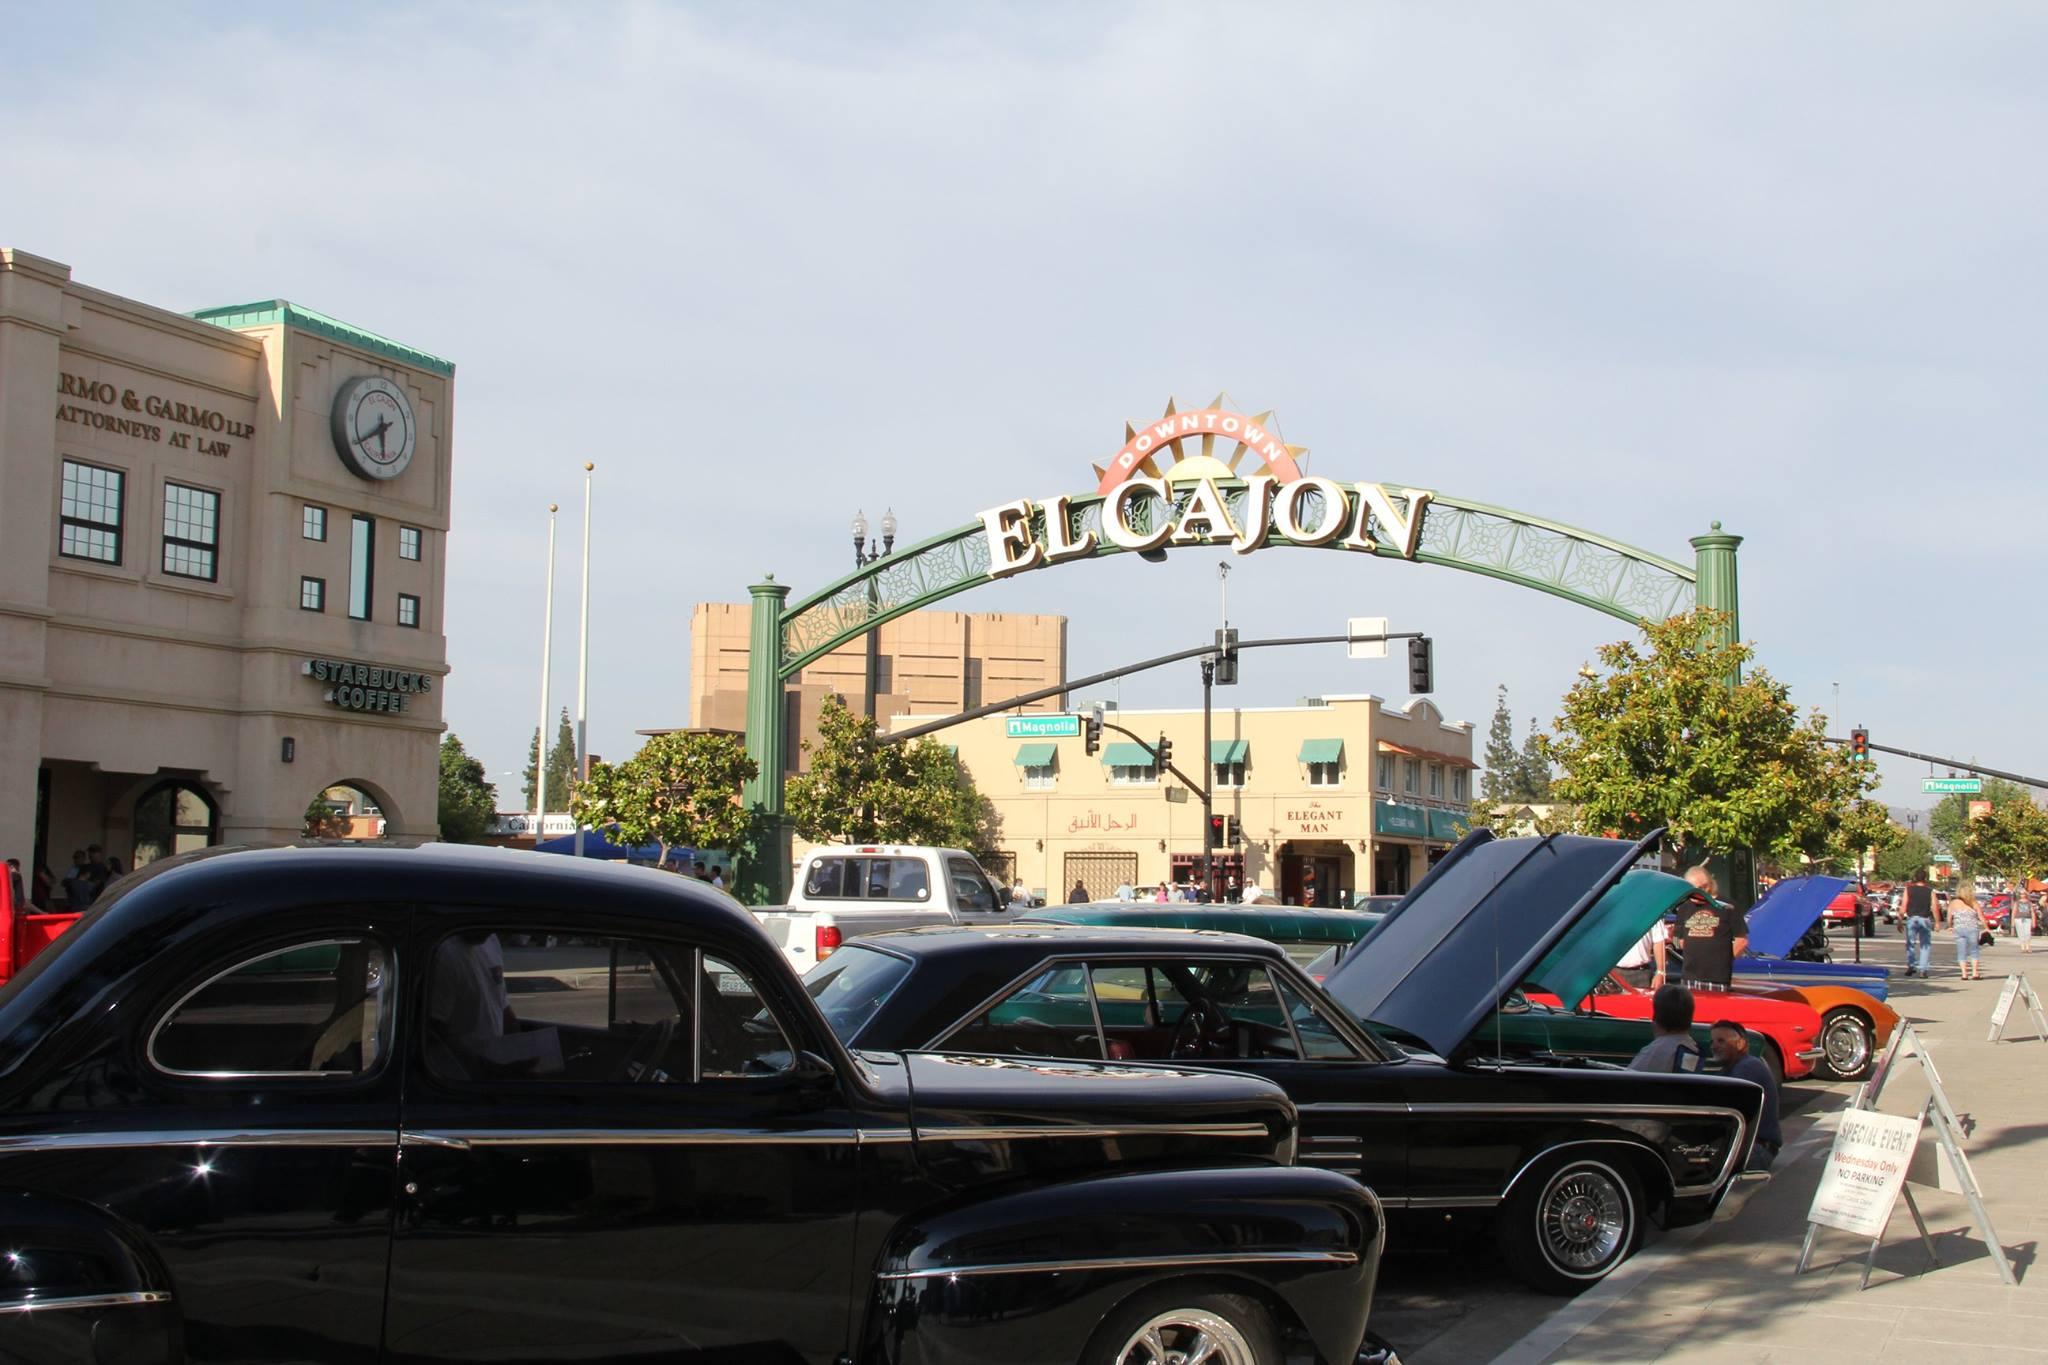 Downtown El Cajon | Live! Play! Shop! Enjoy!